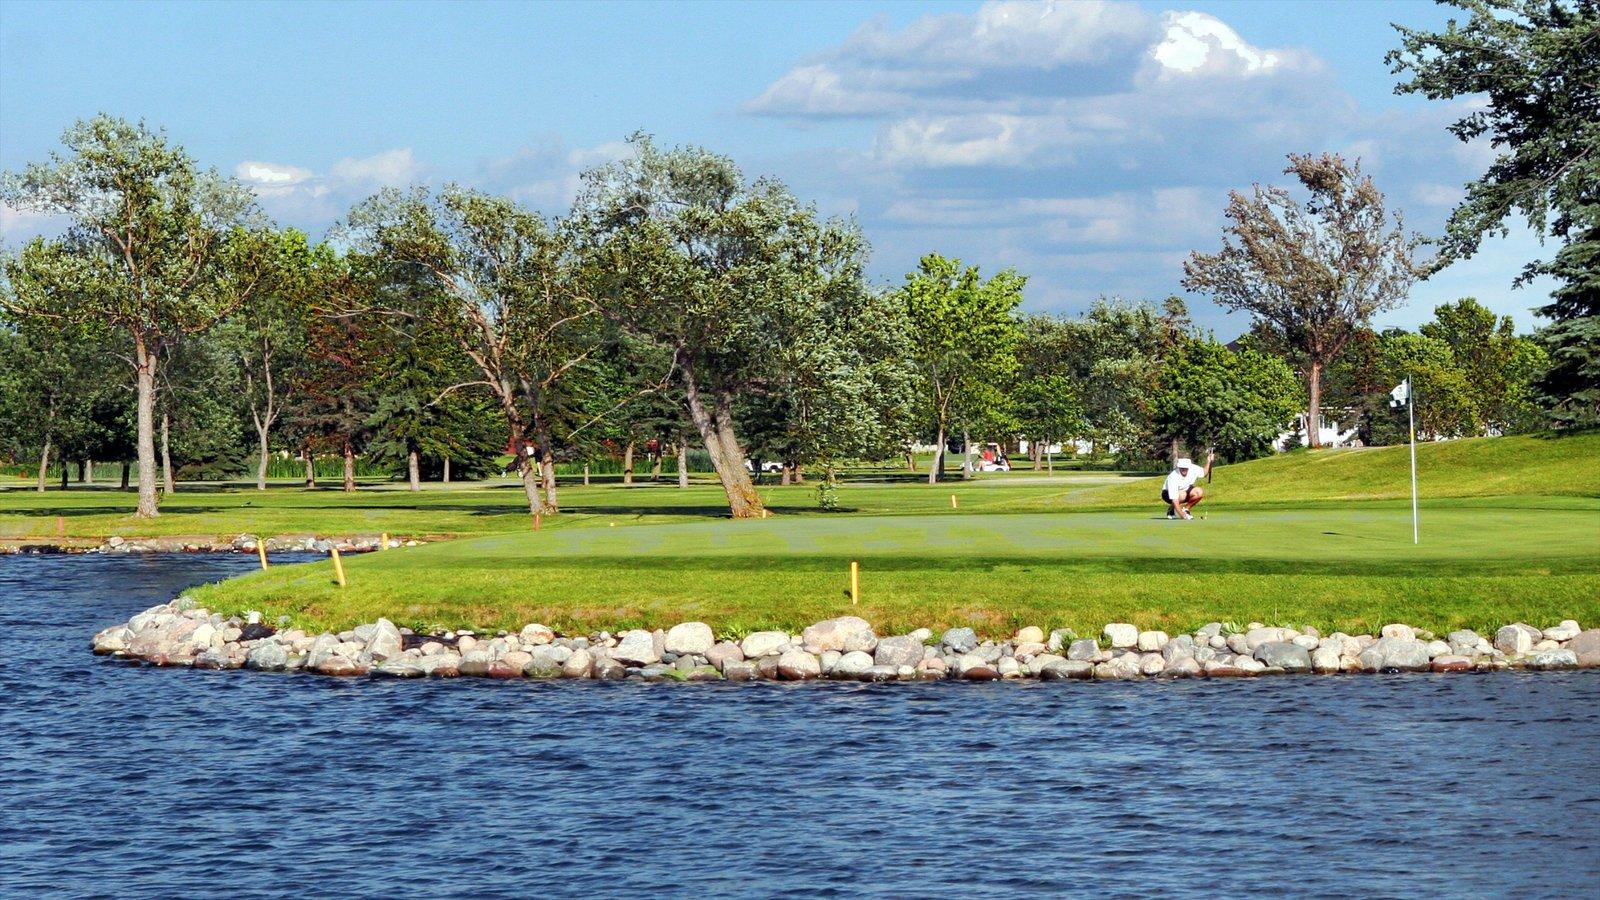 Fargo que inclui um lago e golfe